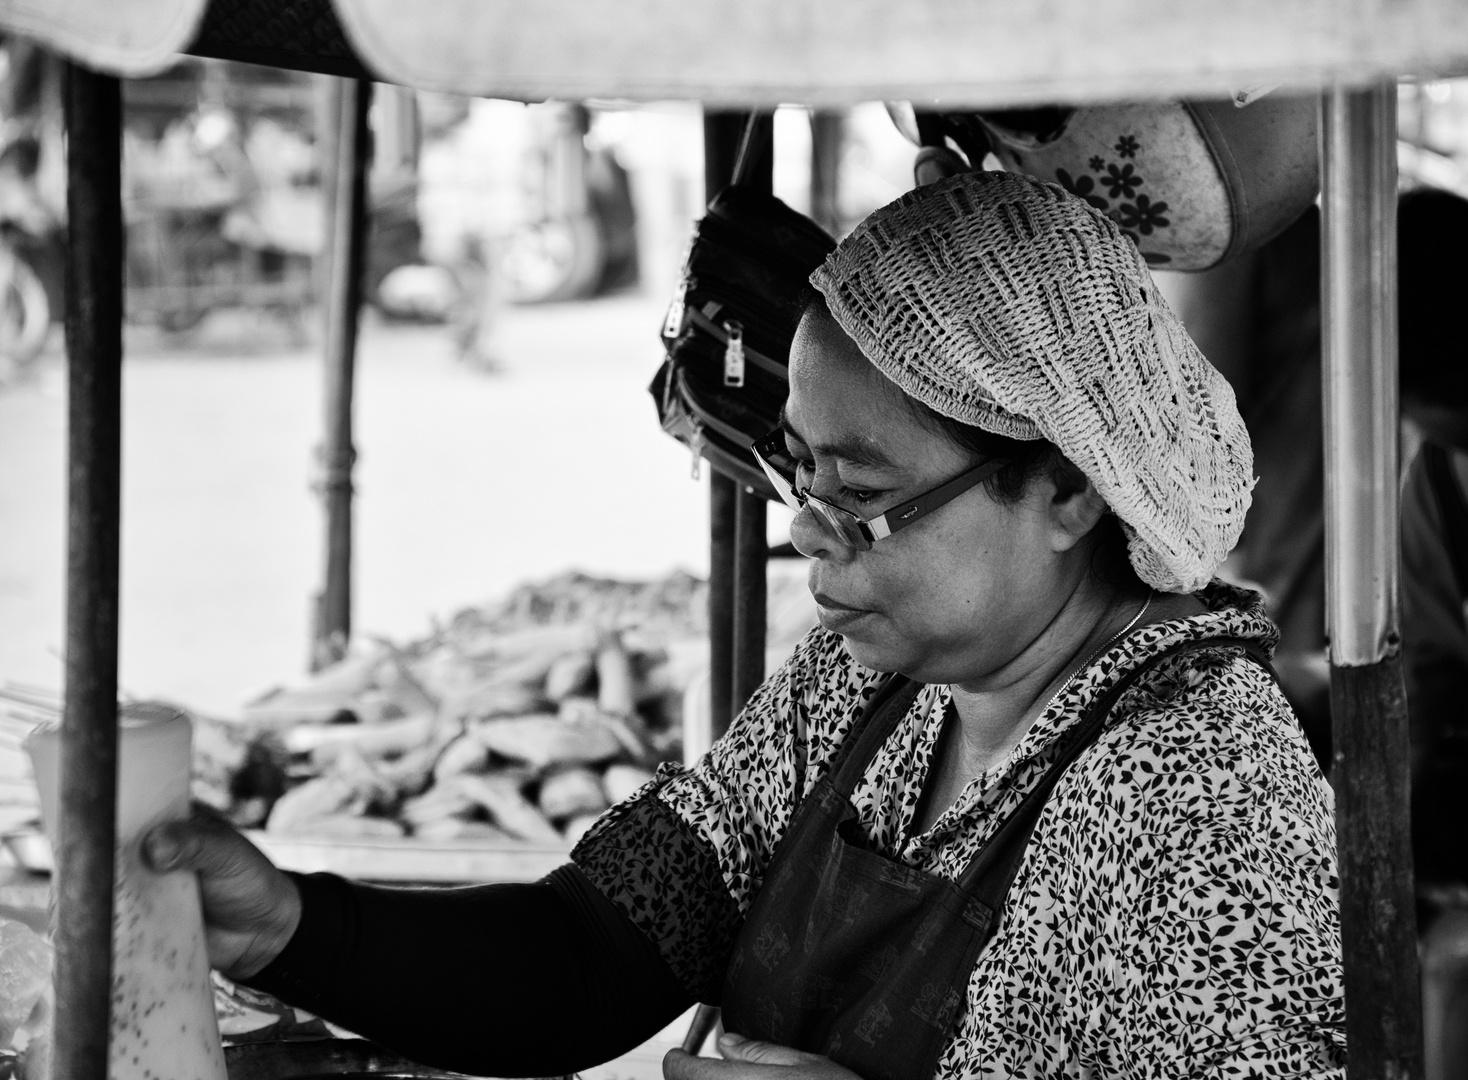 Markt in Khao Lak Village